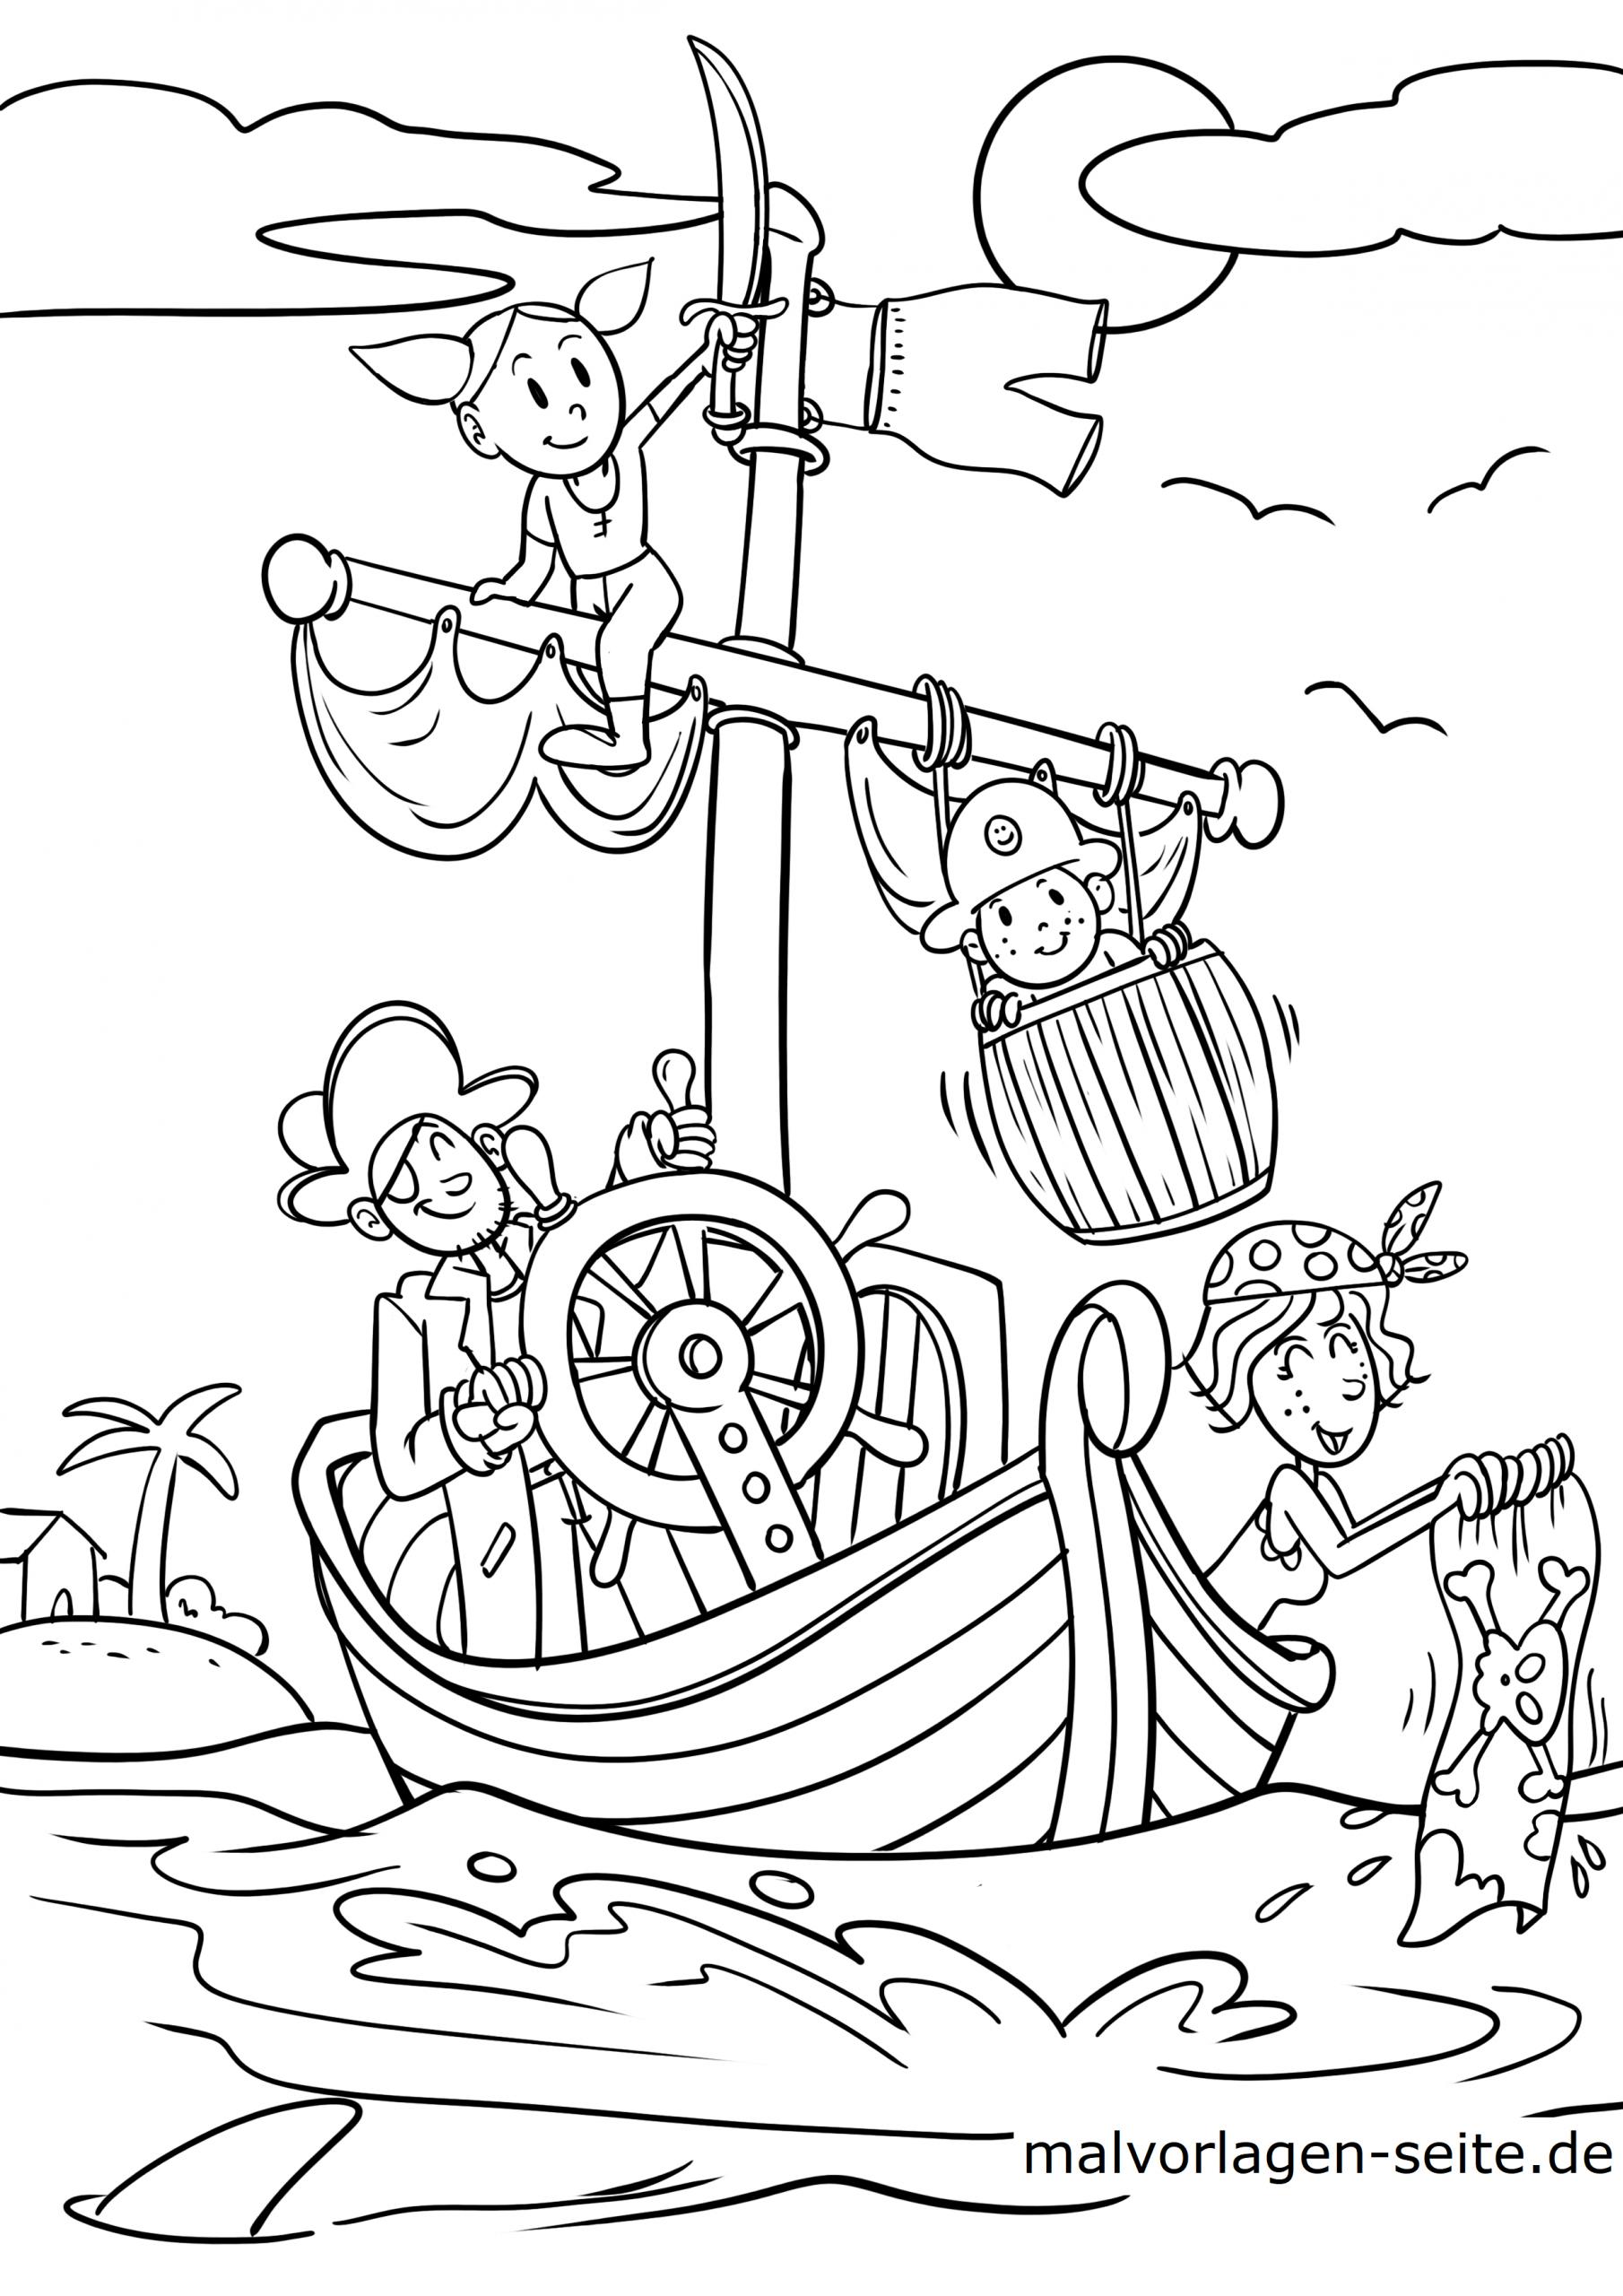 Malvorlage Pirat - Ausmalbilder Kostenlos Herunterladen bestimmt für Piraten Ausmalbilder